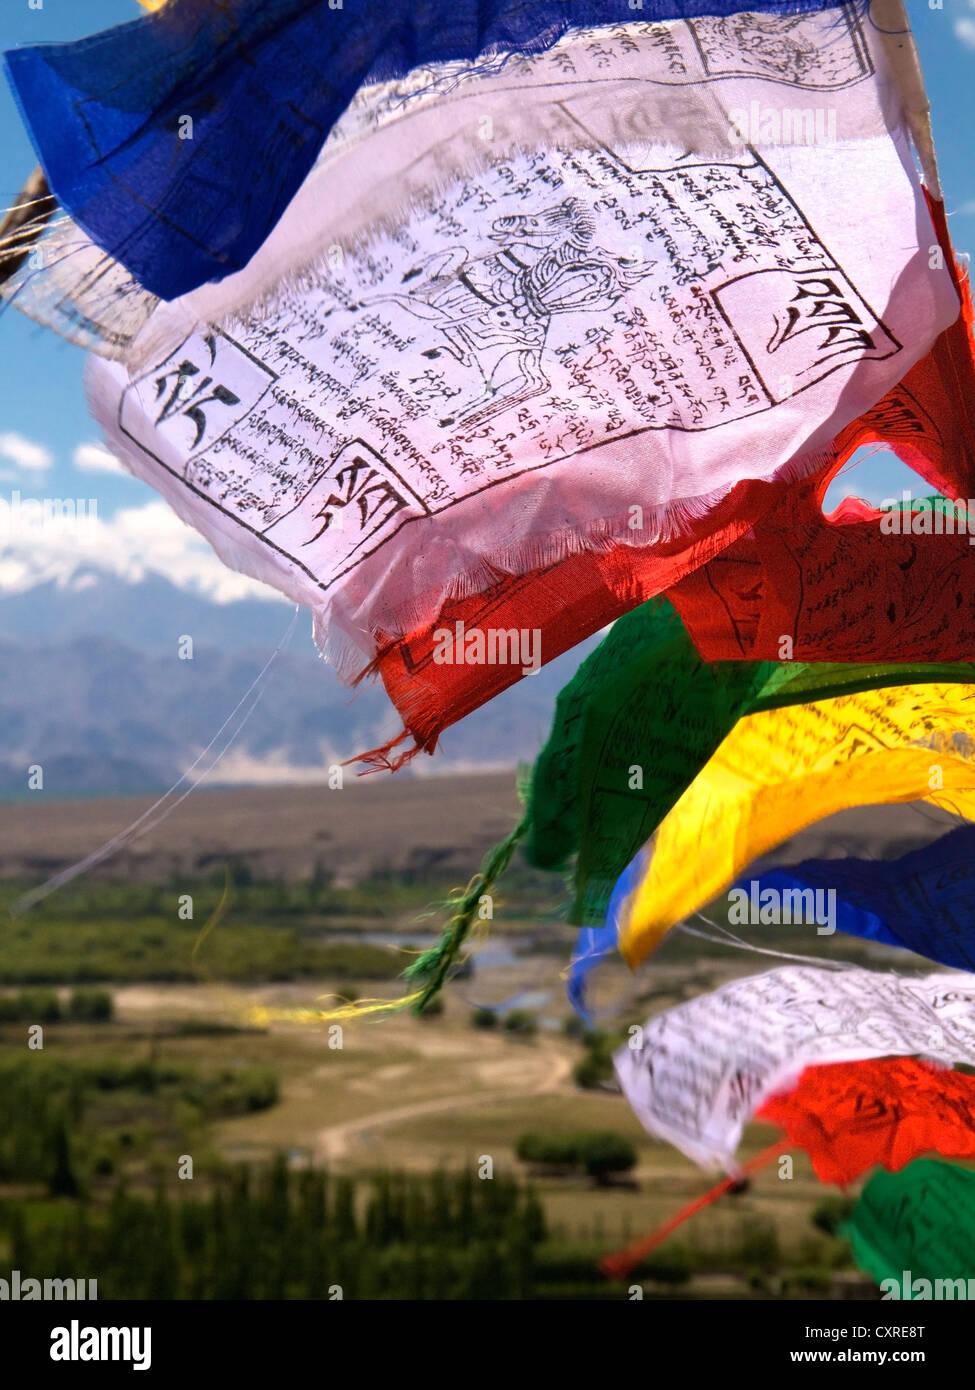 Buddhistische Gebetsfahnen wehen im Wind, Ladakh, nördlichen Indien, Indien, Asien Stockbild